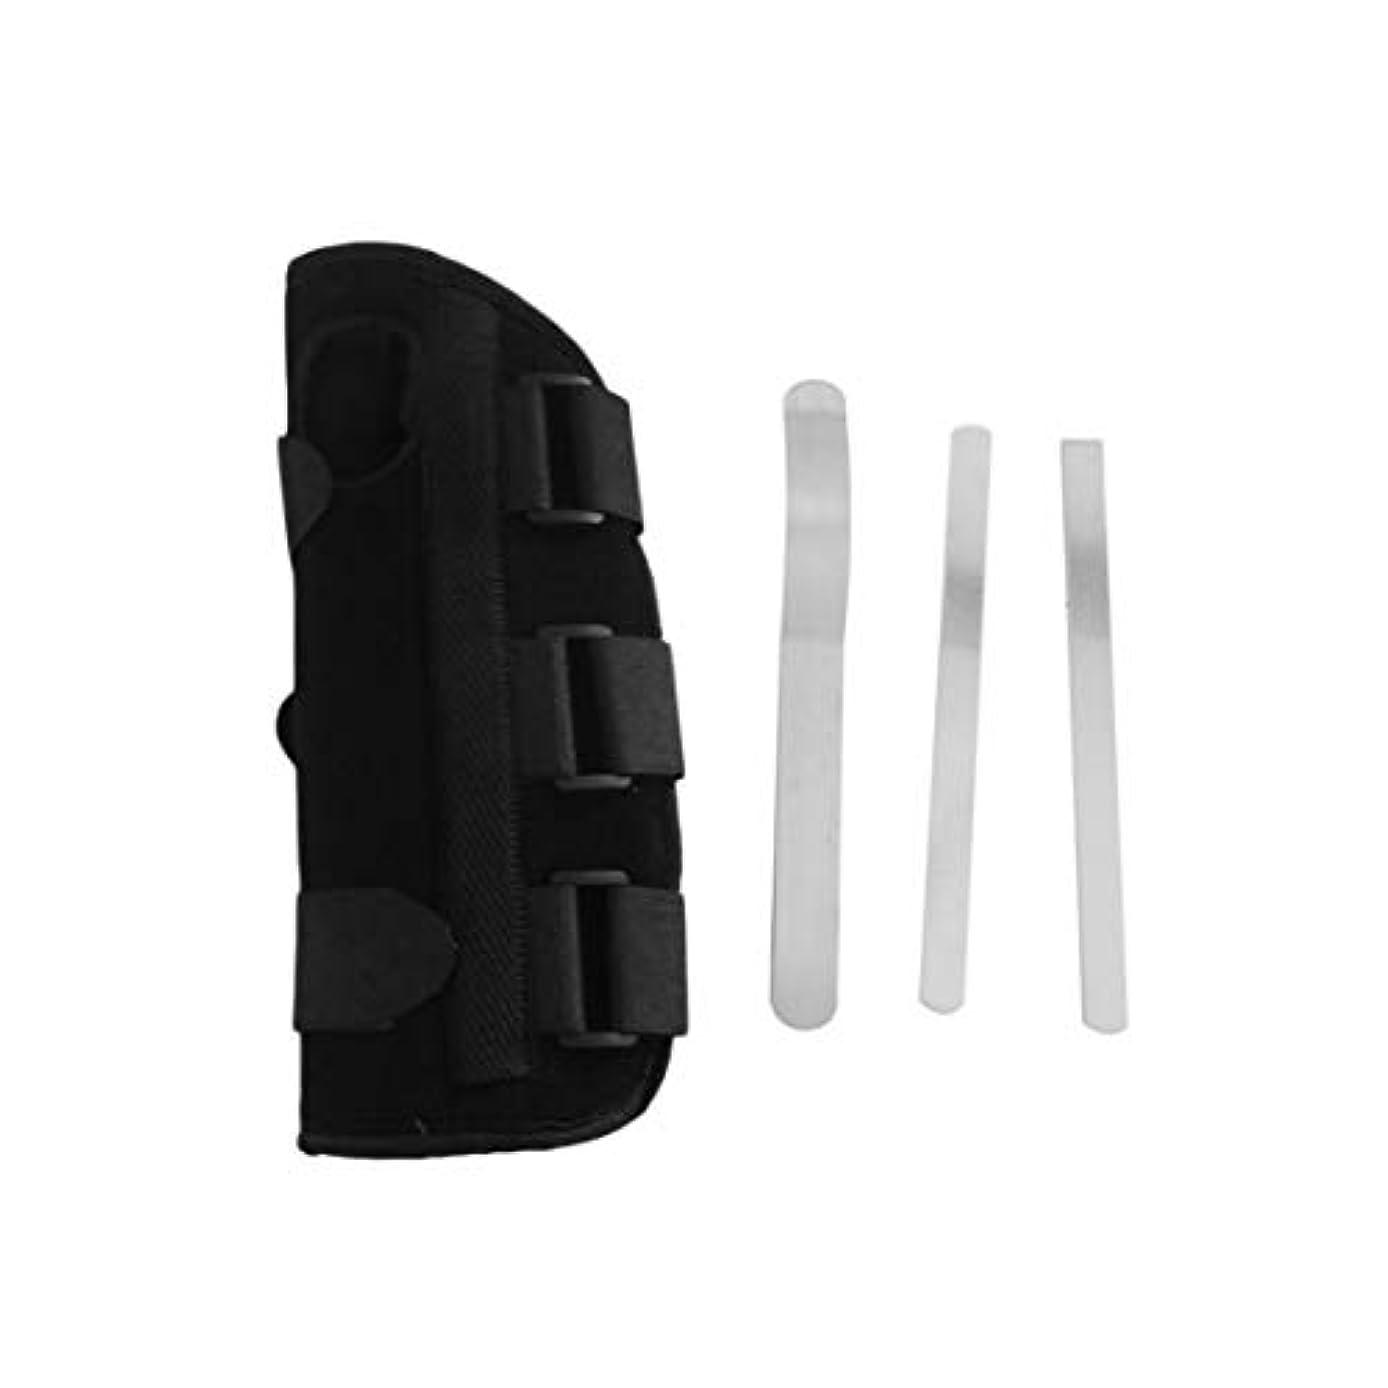 上へ苦しみブラウン手首副木ブレース保護サポートストラップカルペルトンネルCTS RSI痛み軽減取り外し可能な副木快適な軽量ストラップ - ブラックS